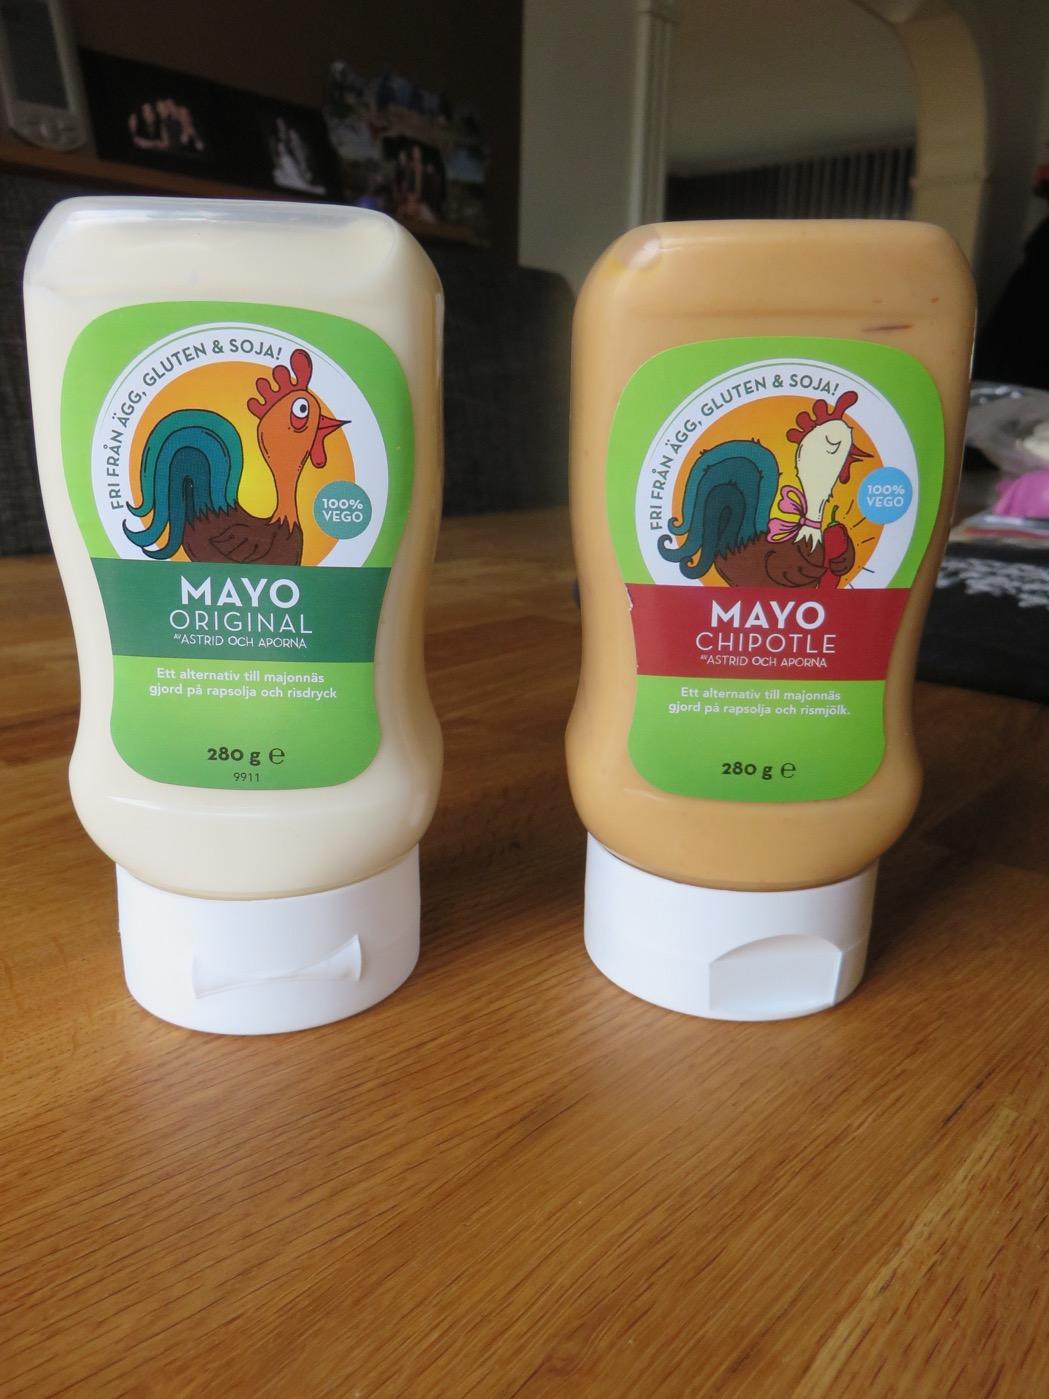 Astrid & Aporna Mayo